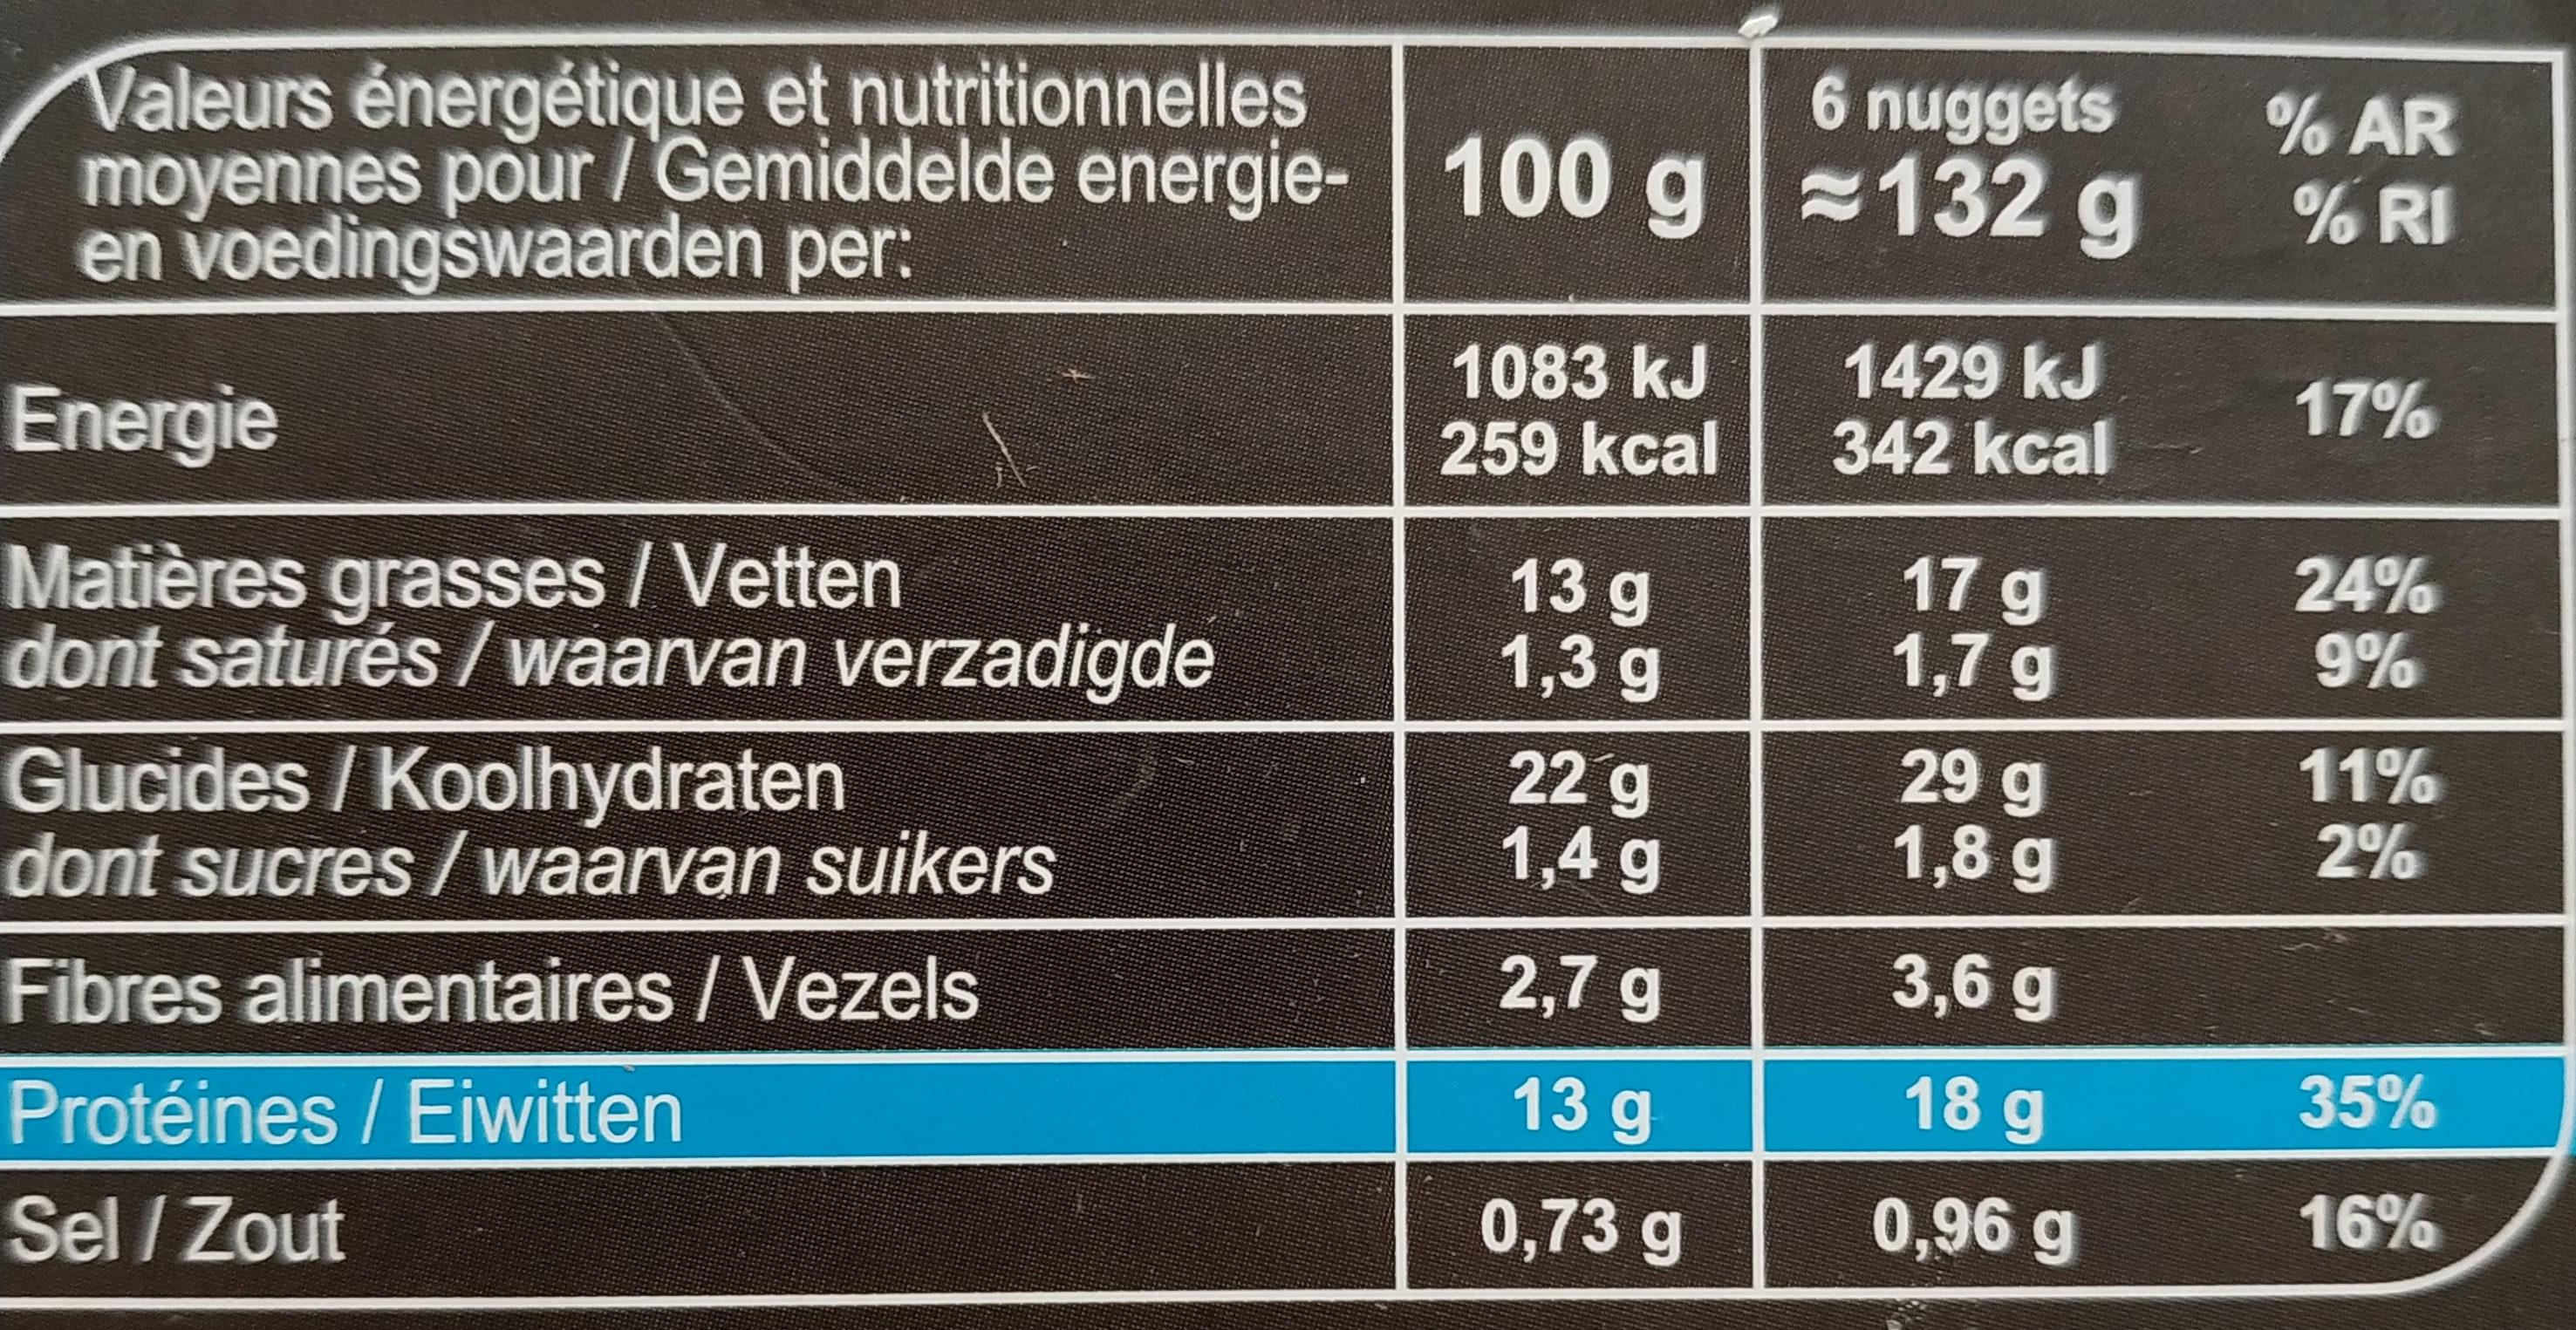 Nuggets de blé - Informations nutritionnelles - fr